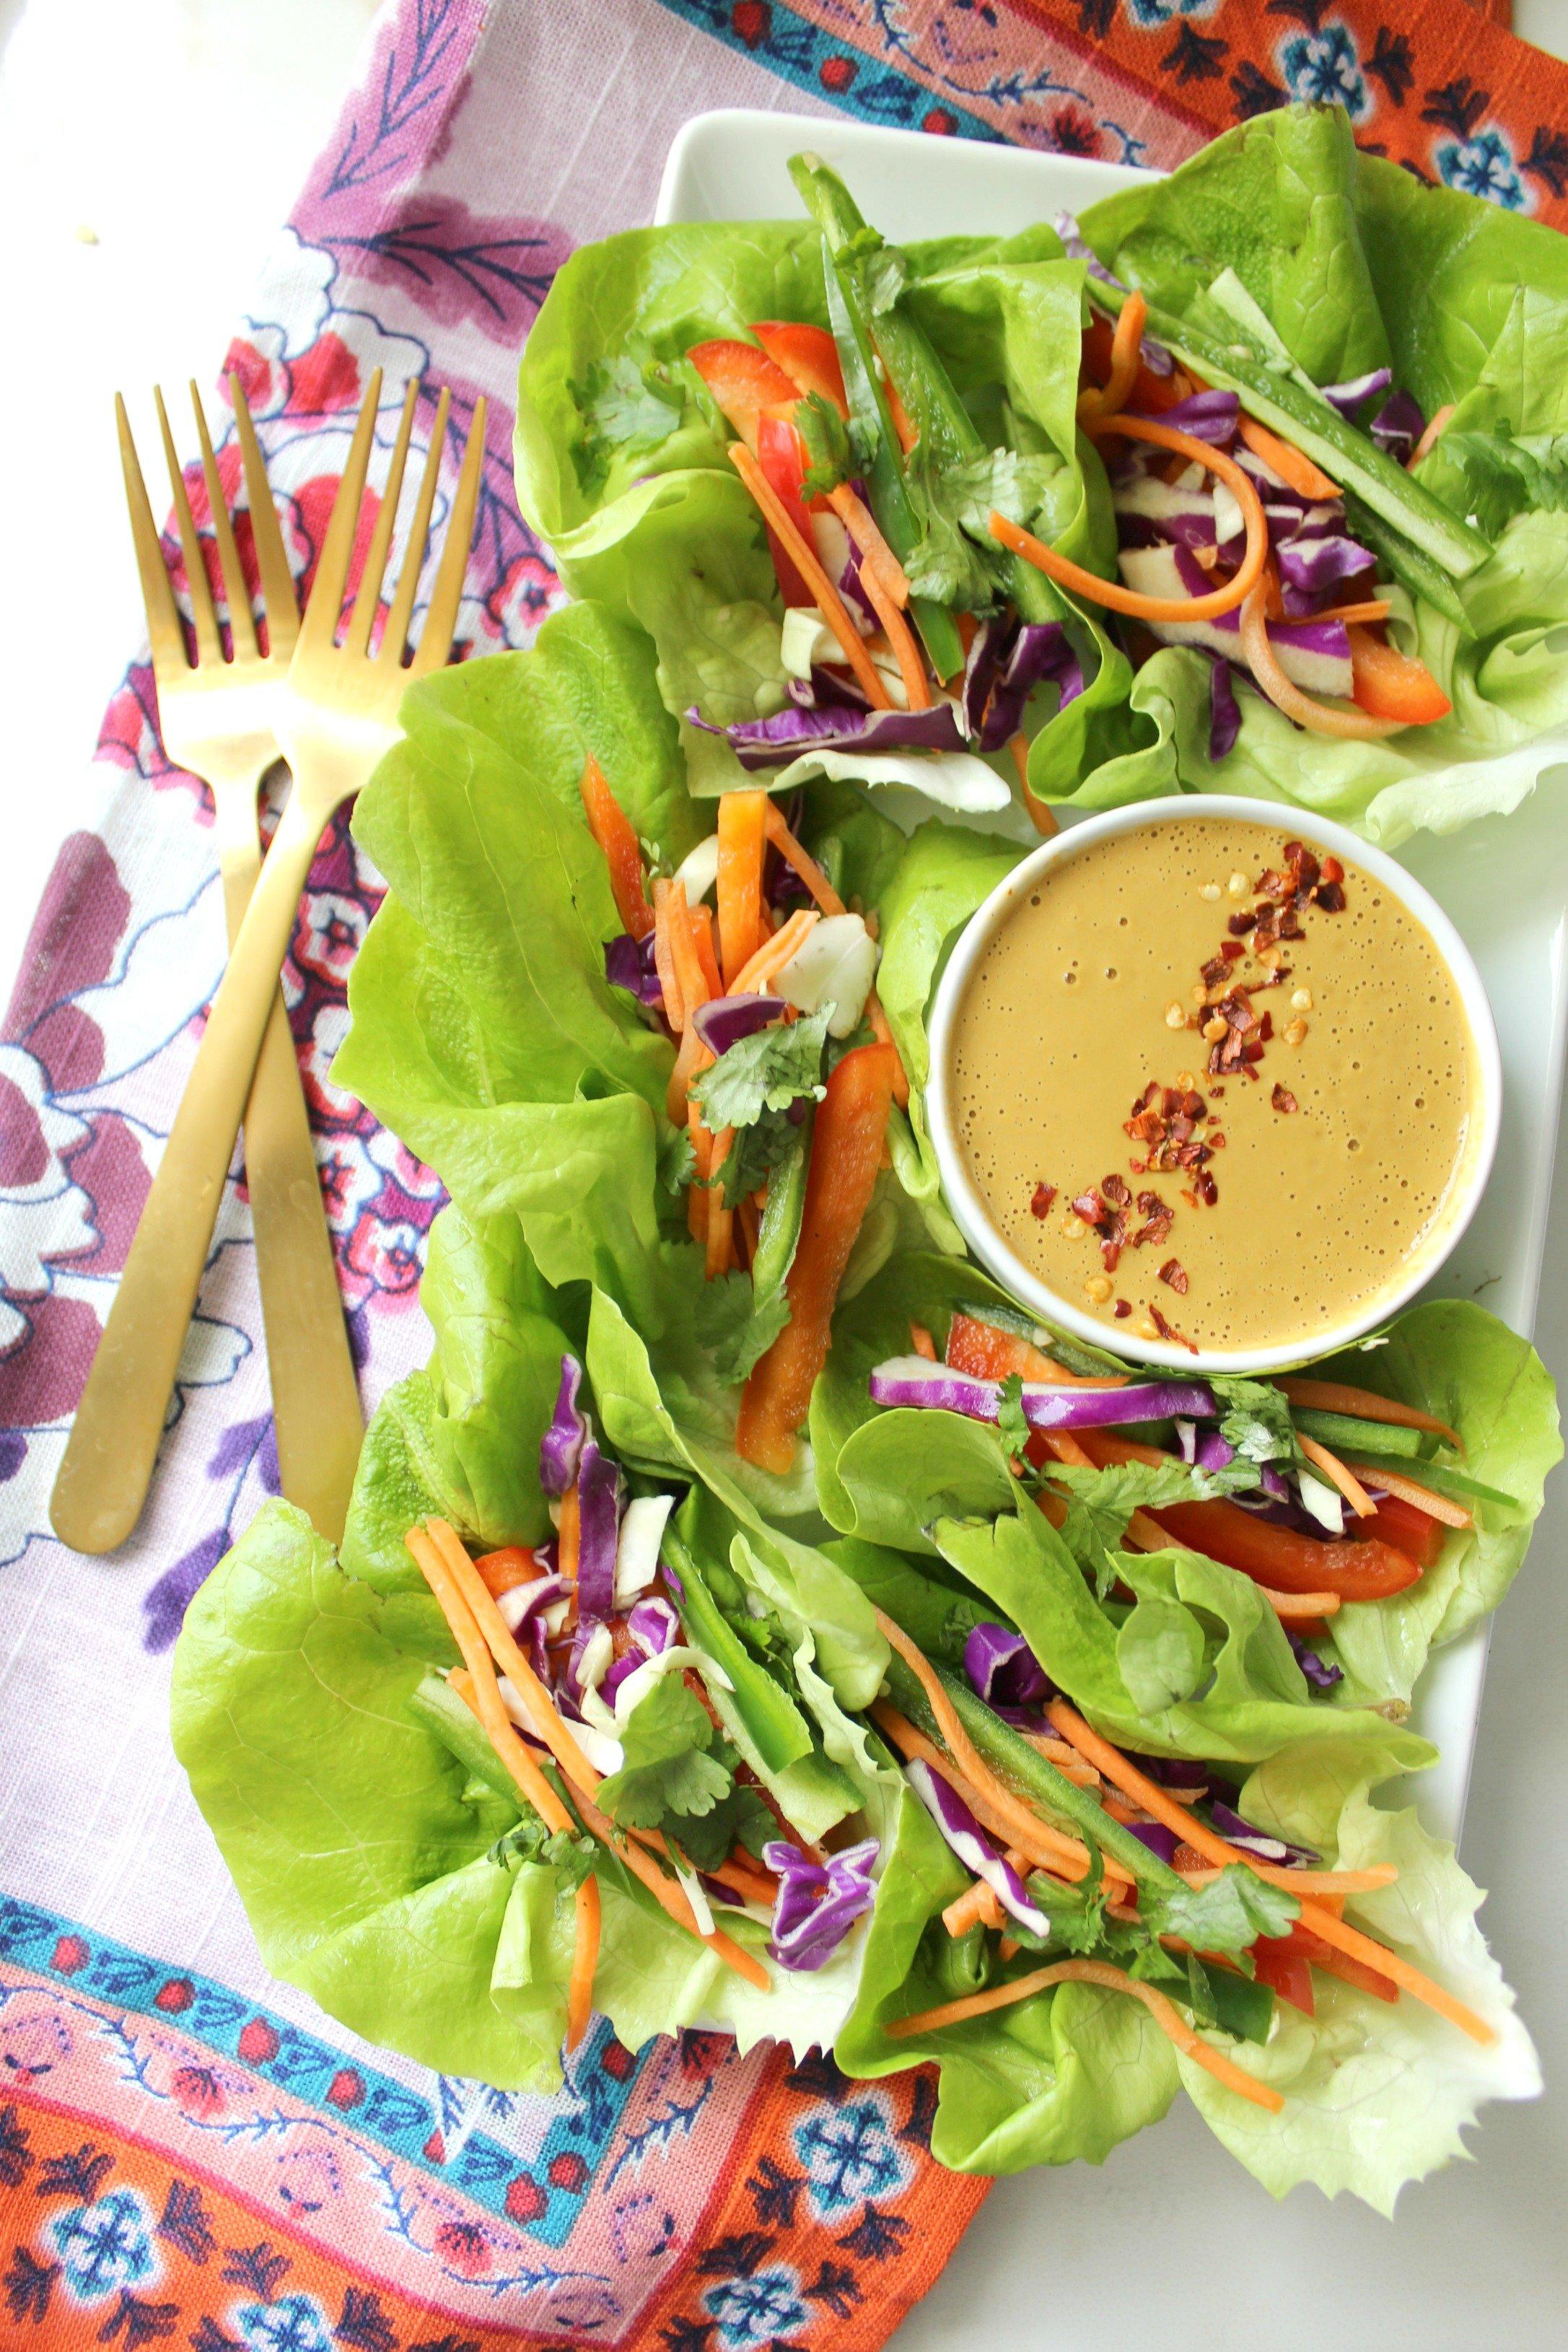 Vegan Lettuce Wraps with Spicy Peanut Sauce   Vegan + GF + Raw   ThisSavoryVegan.com